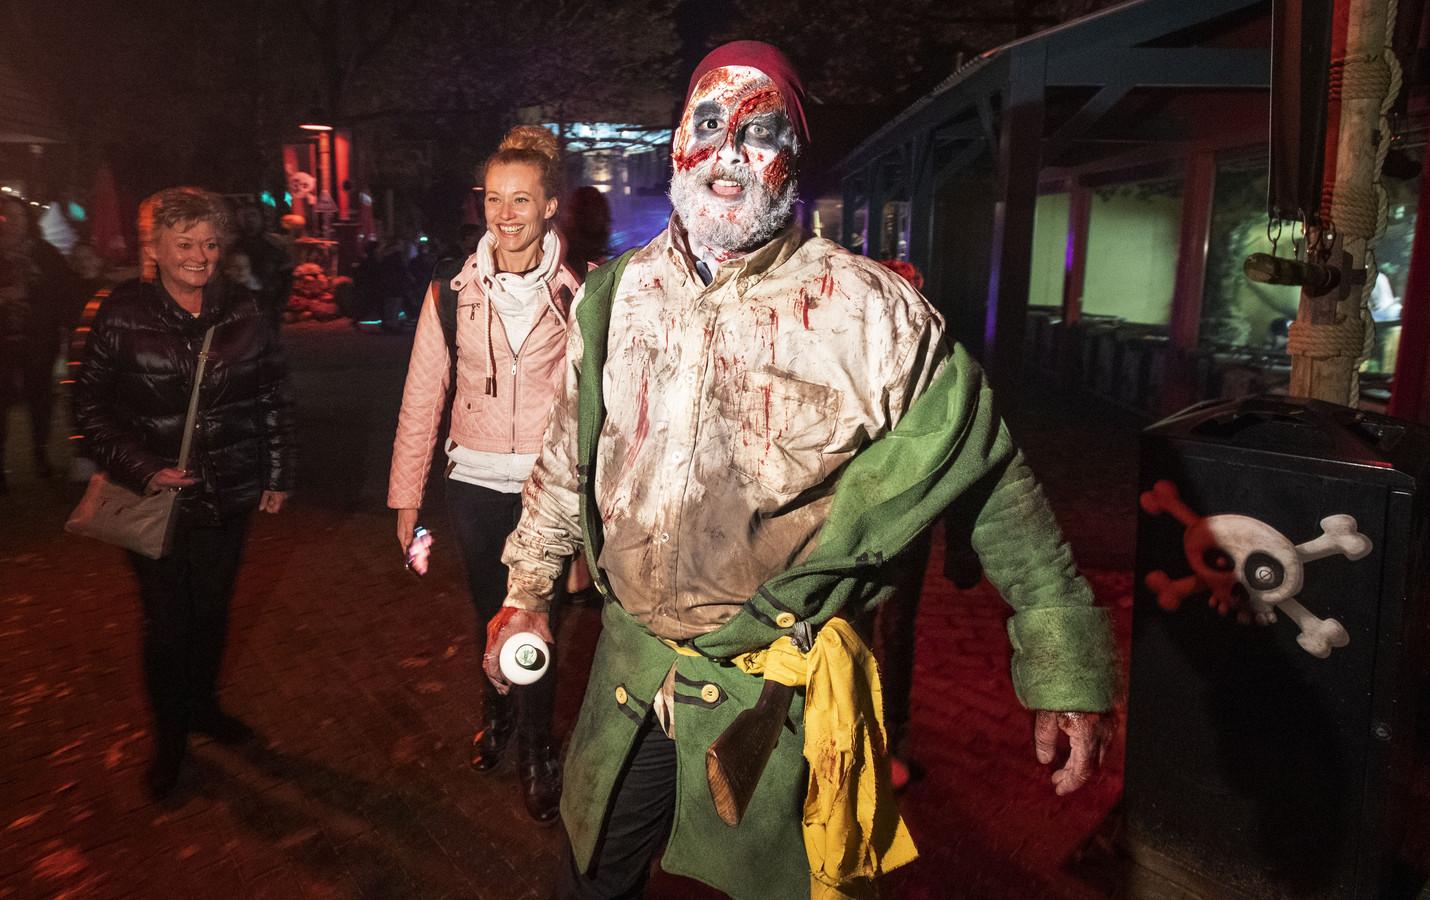 Avonturenpark Hellendoorn zoekt meer dan 150 scare actors: acteurs die gasten van het attractiepark de stuipen op het lijf kunnen jagen.